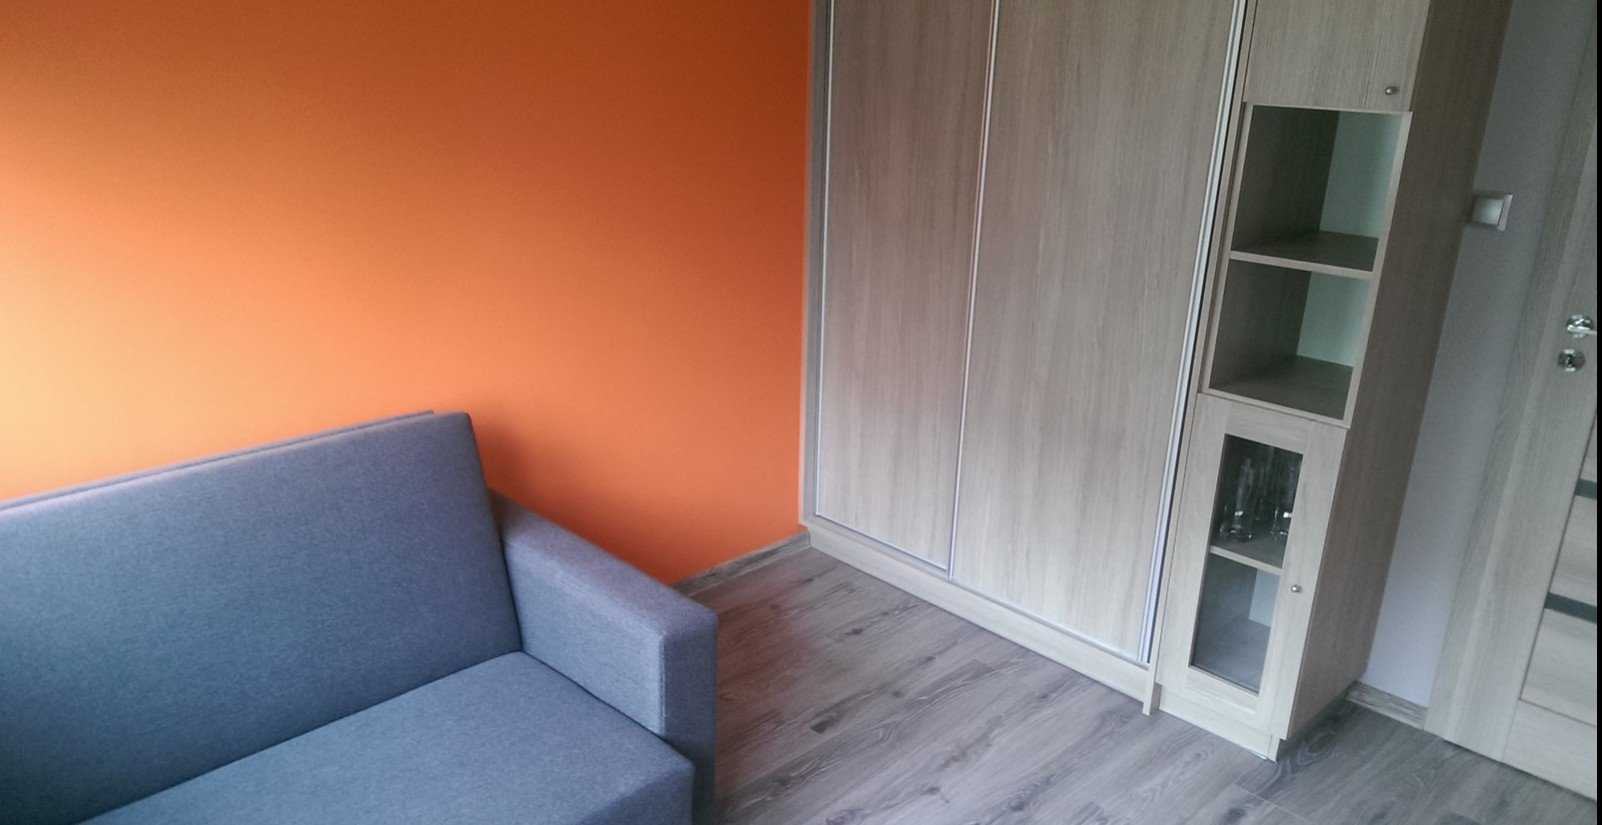 Быстрый ремонт в 42-метровой квартире11